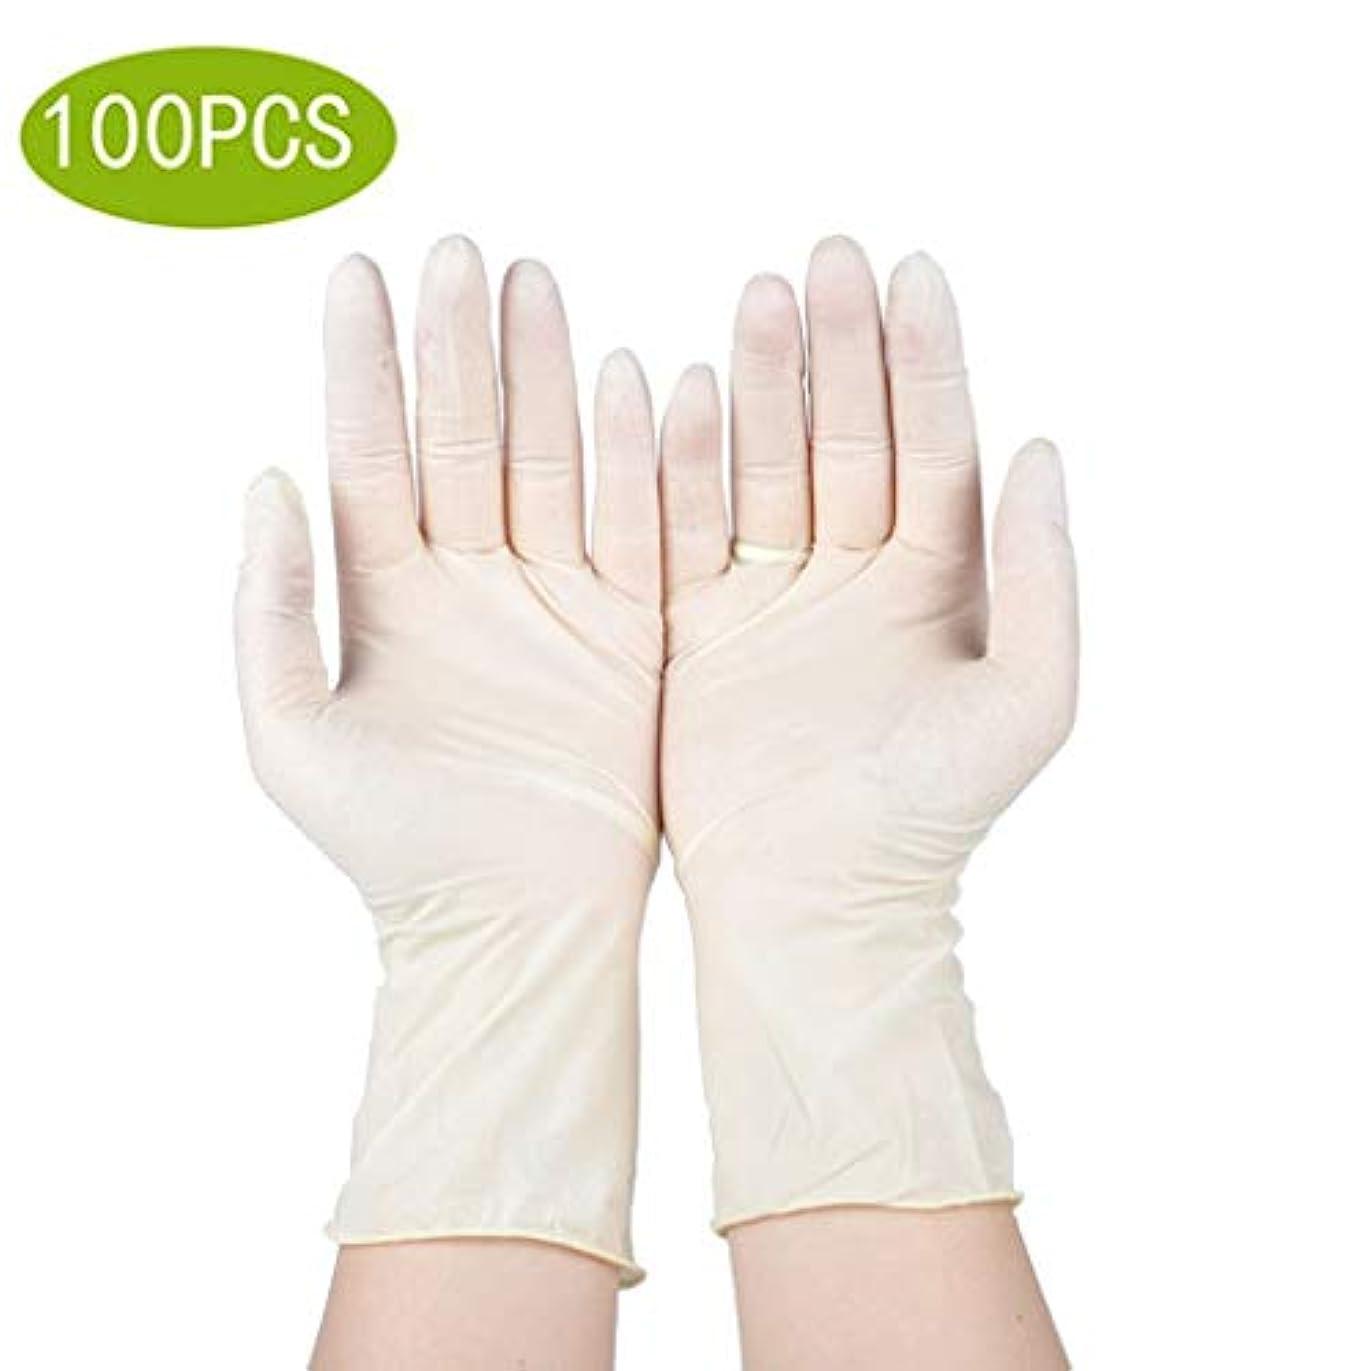 記述する知っているに立ち寄る医薬品ニトリル手袋義務使い捨てビニール手袋、100カウント、特大 - パウダーフリー、両性、極度の快適さ、特別に強く、丈夫で伸縮性がある、医療、食品、マルチユース (Color : Latex Gloves, Size : M)